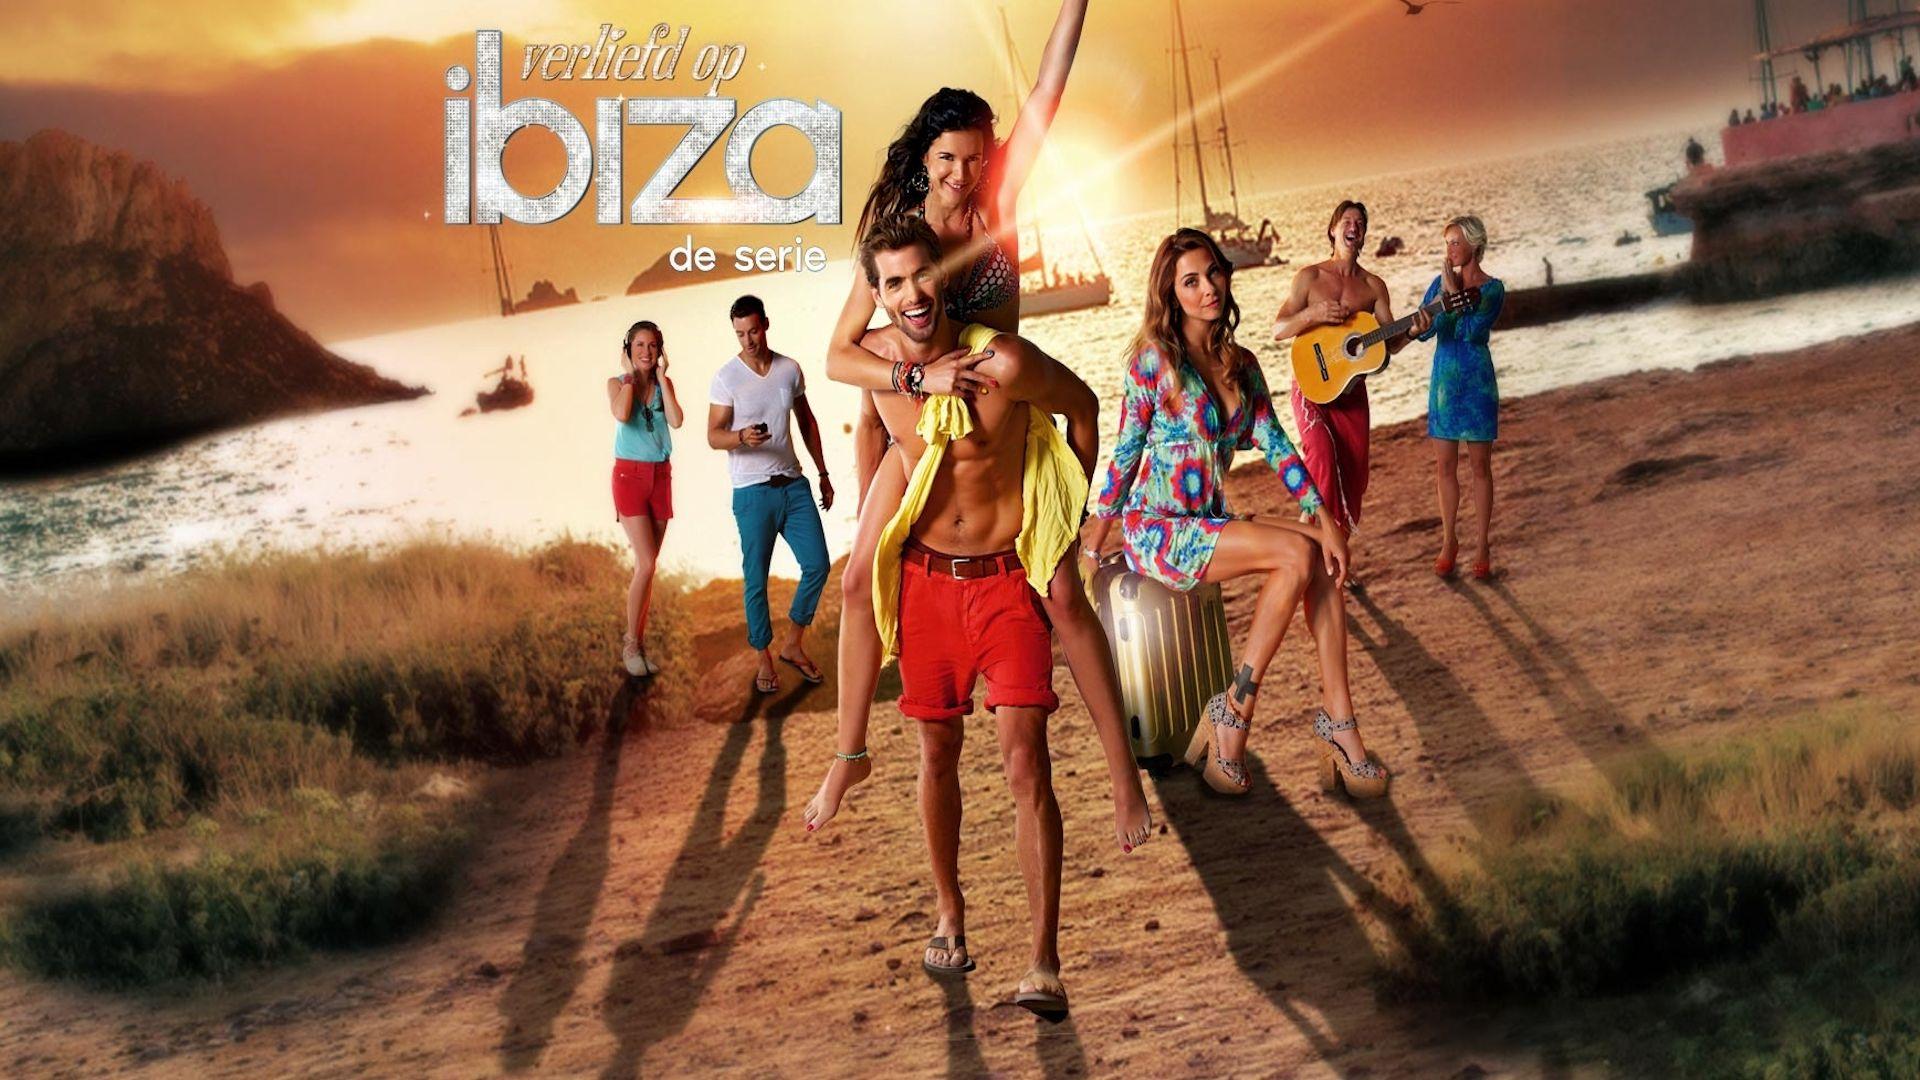 Verliefd op Ibiza krijgt geen vervolg